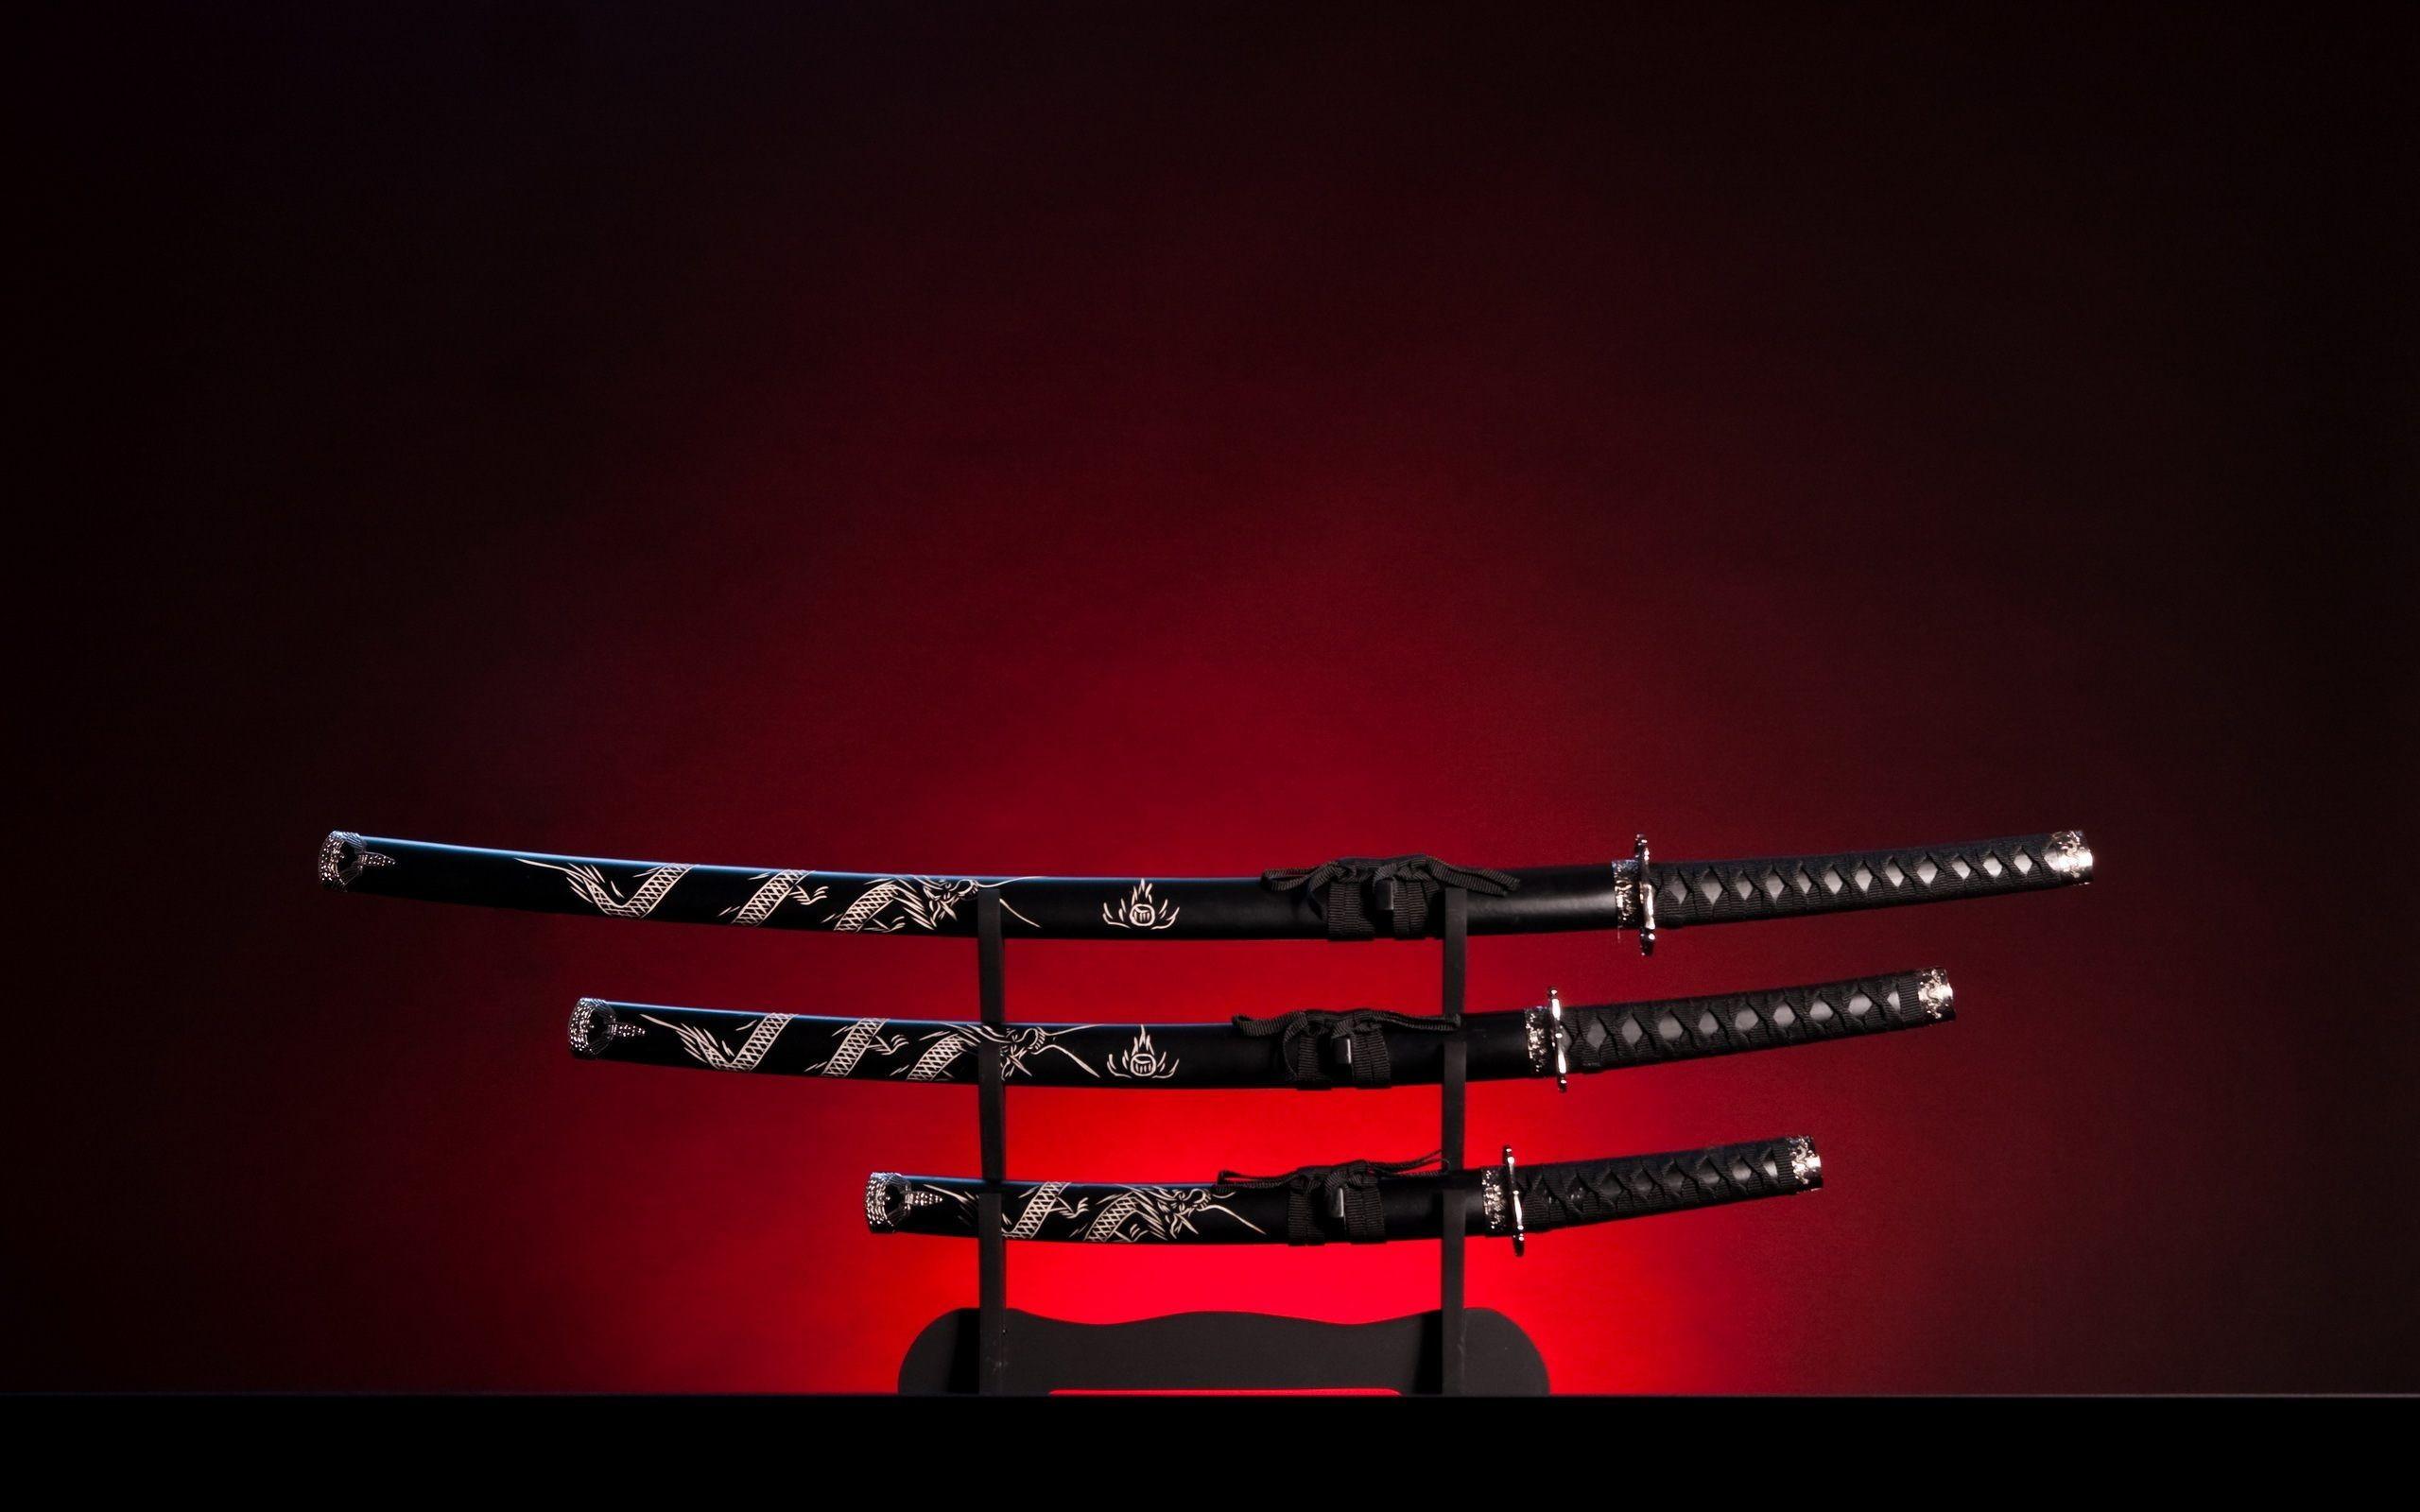 samurai sword wallpaper 69 images